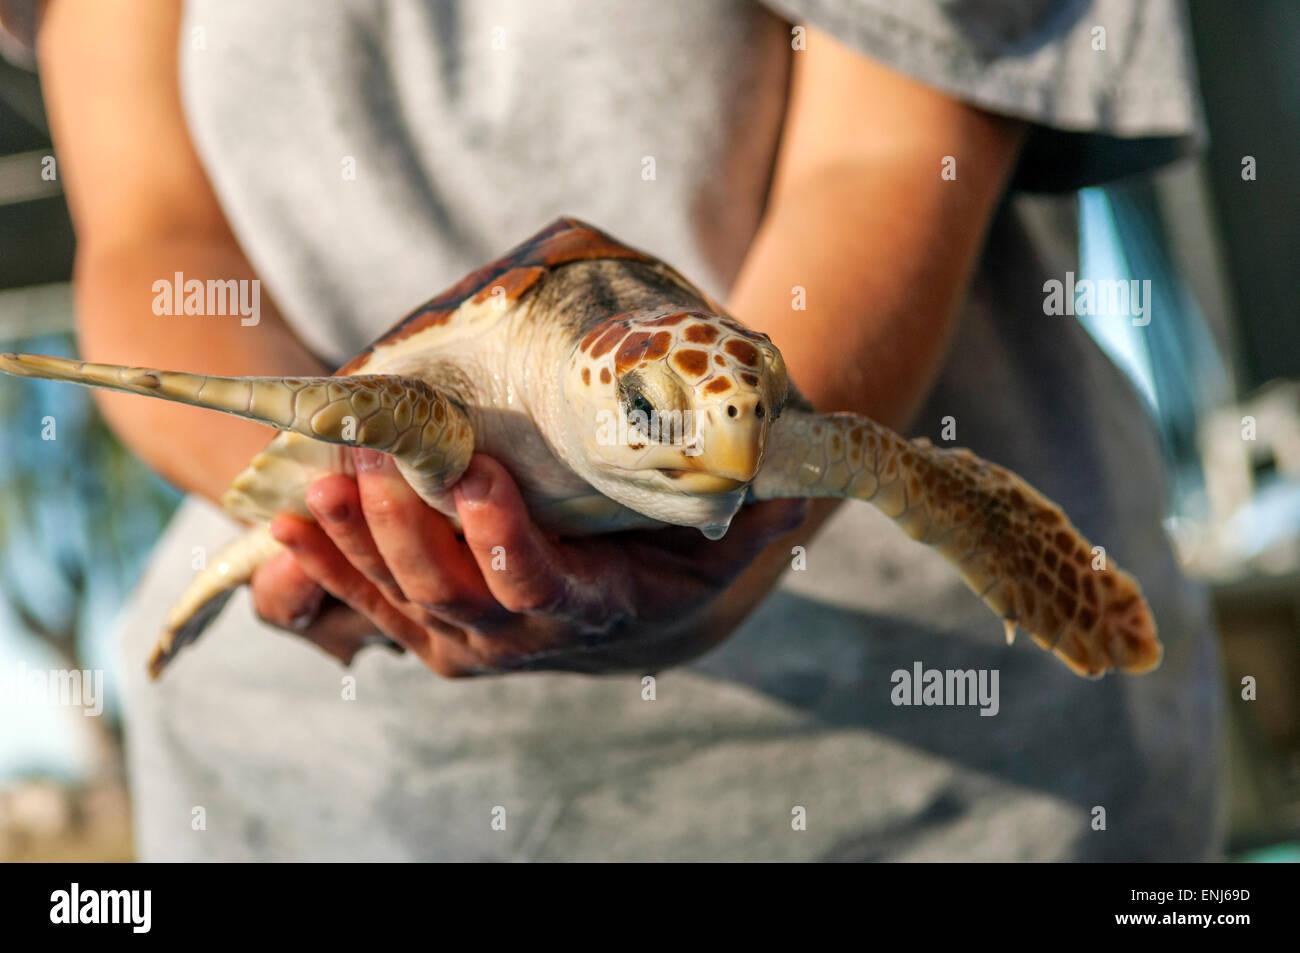 Un veterinario sosteniendo una tortuga enfermo y herido en el Hospital de tortugas. Marathon, Florida. Ee.Uu. Imagen De Stock